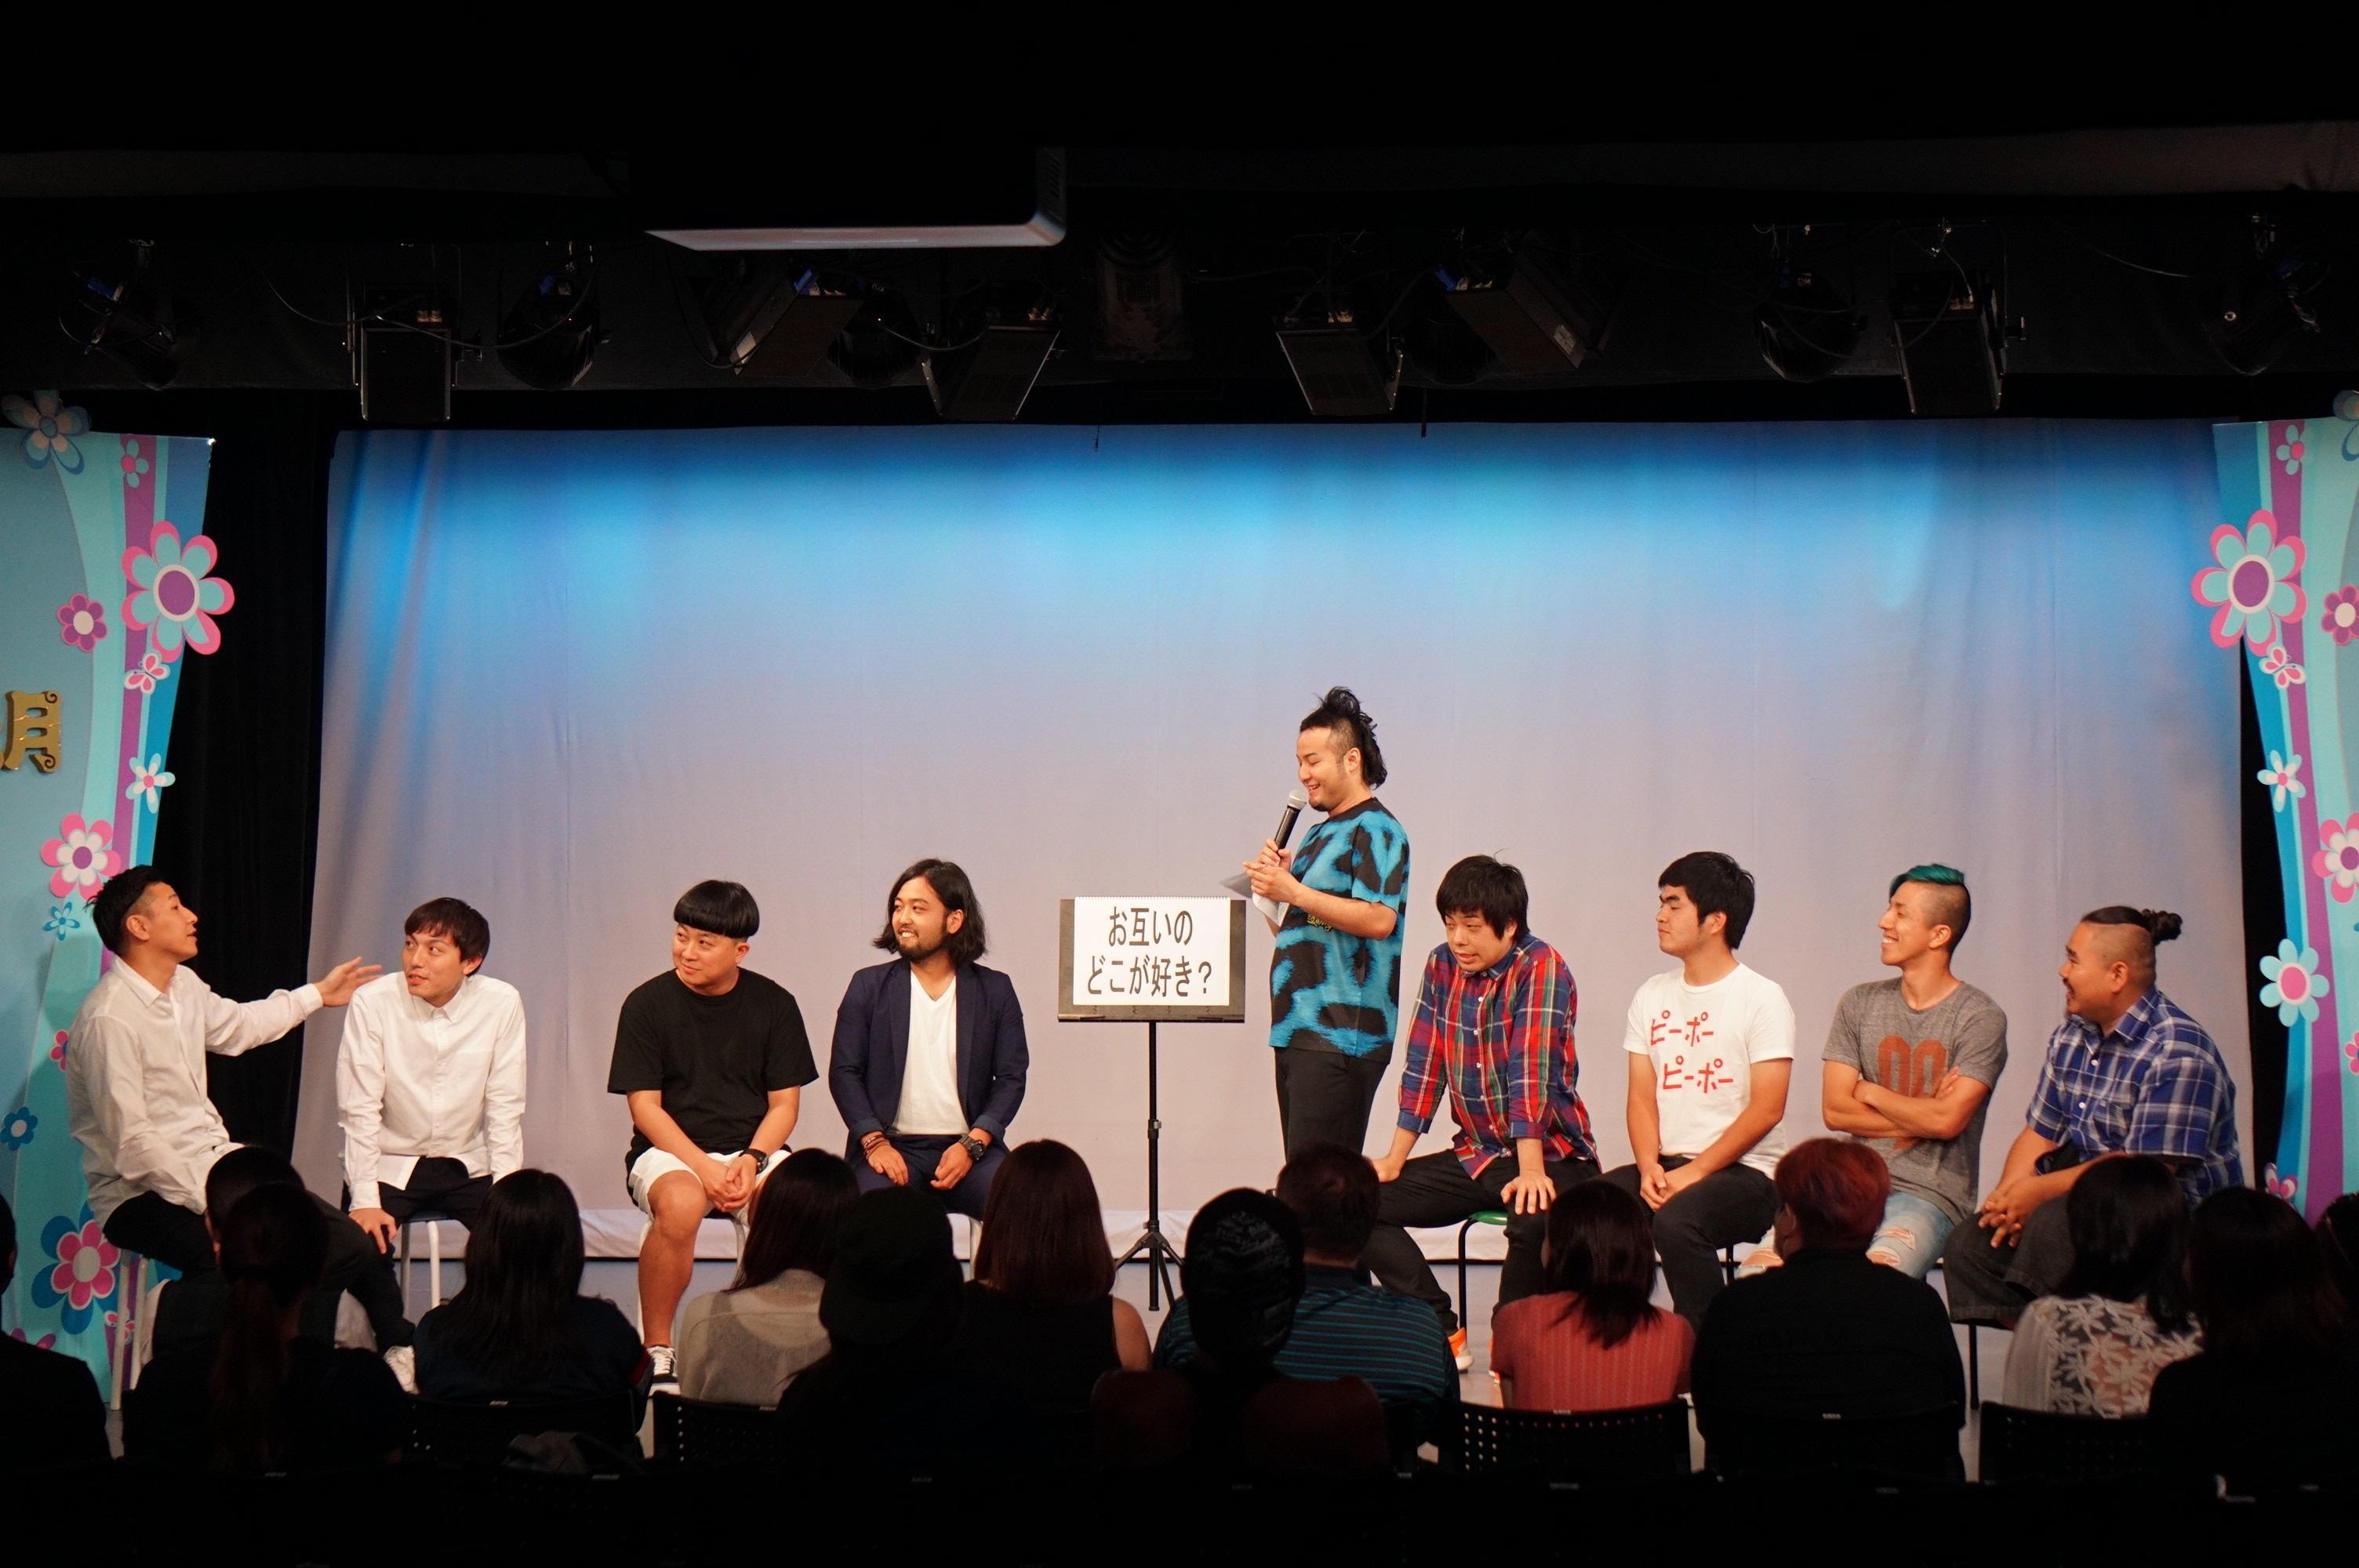 http://news.yoshimoto.co.jp/20160526174208-28c7dae14a7482db090e14f102ed5a5d4705335f.jpg